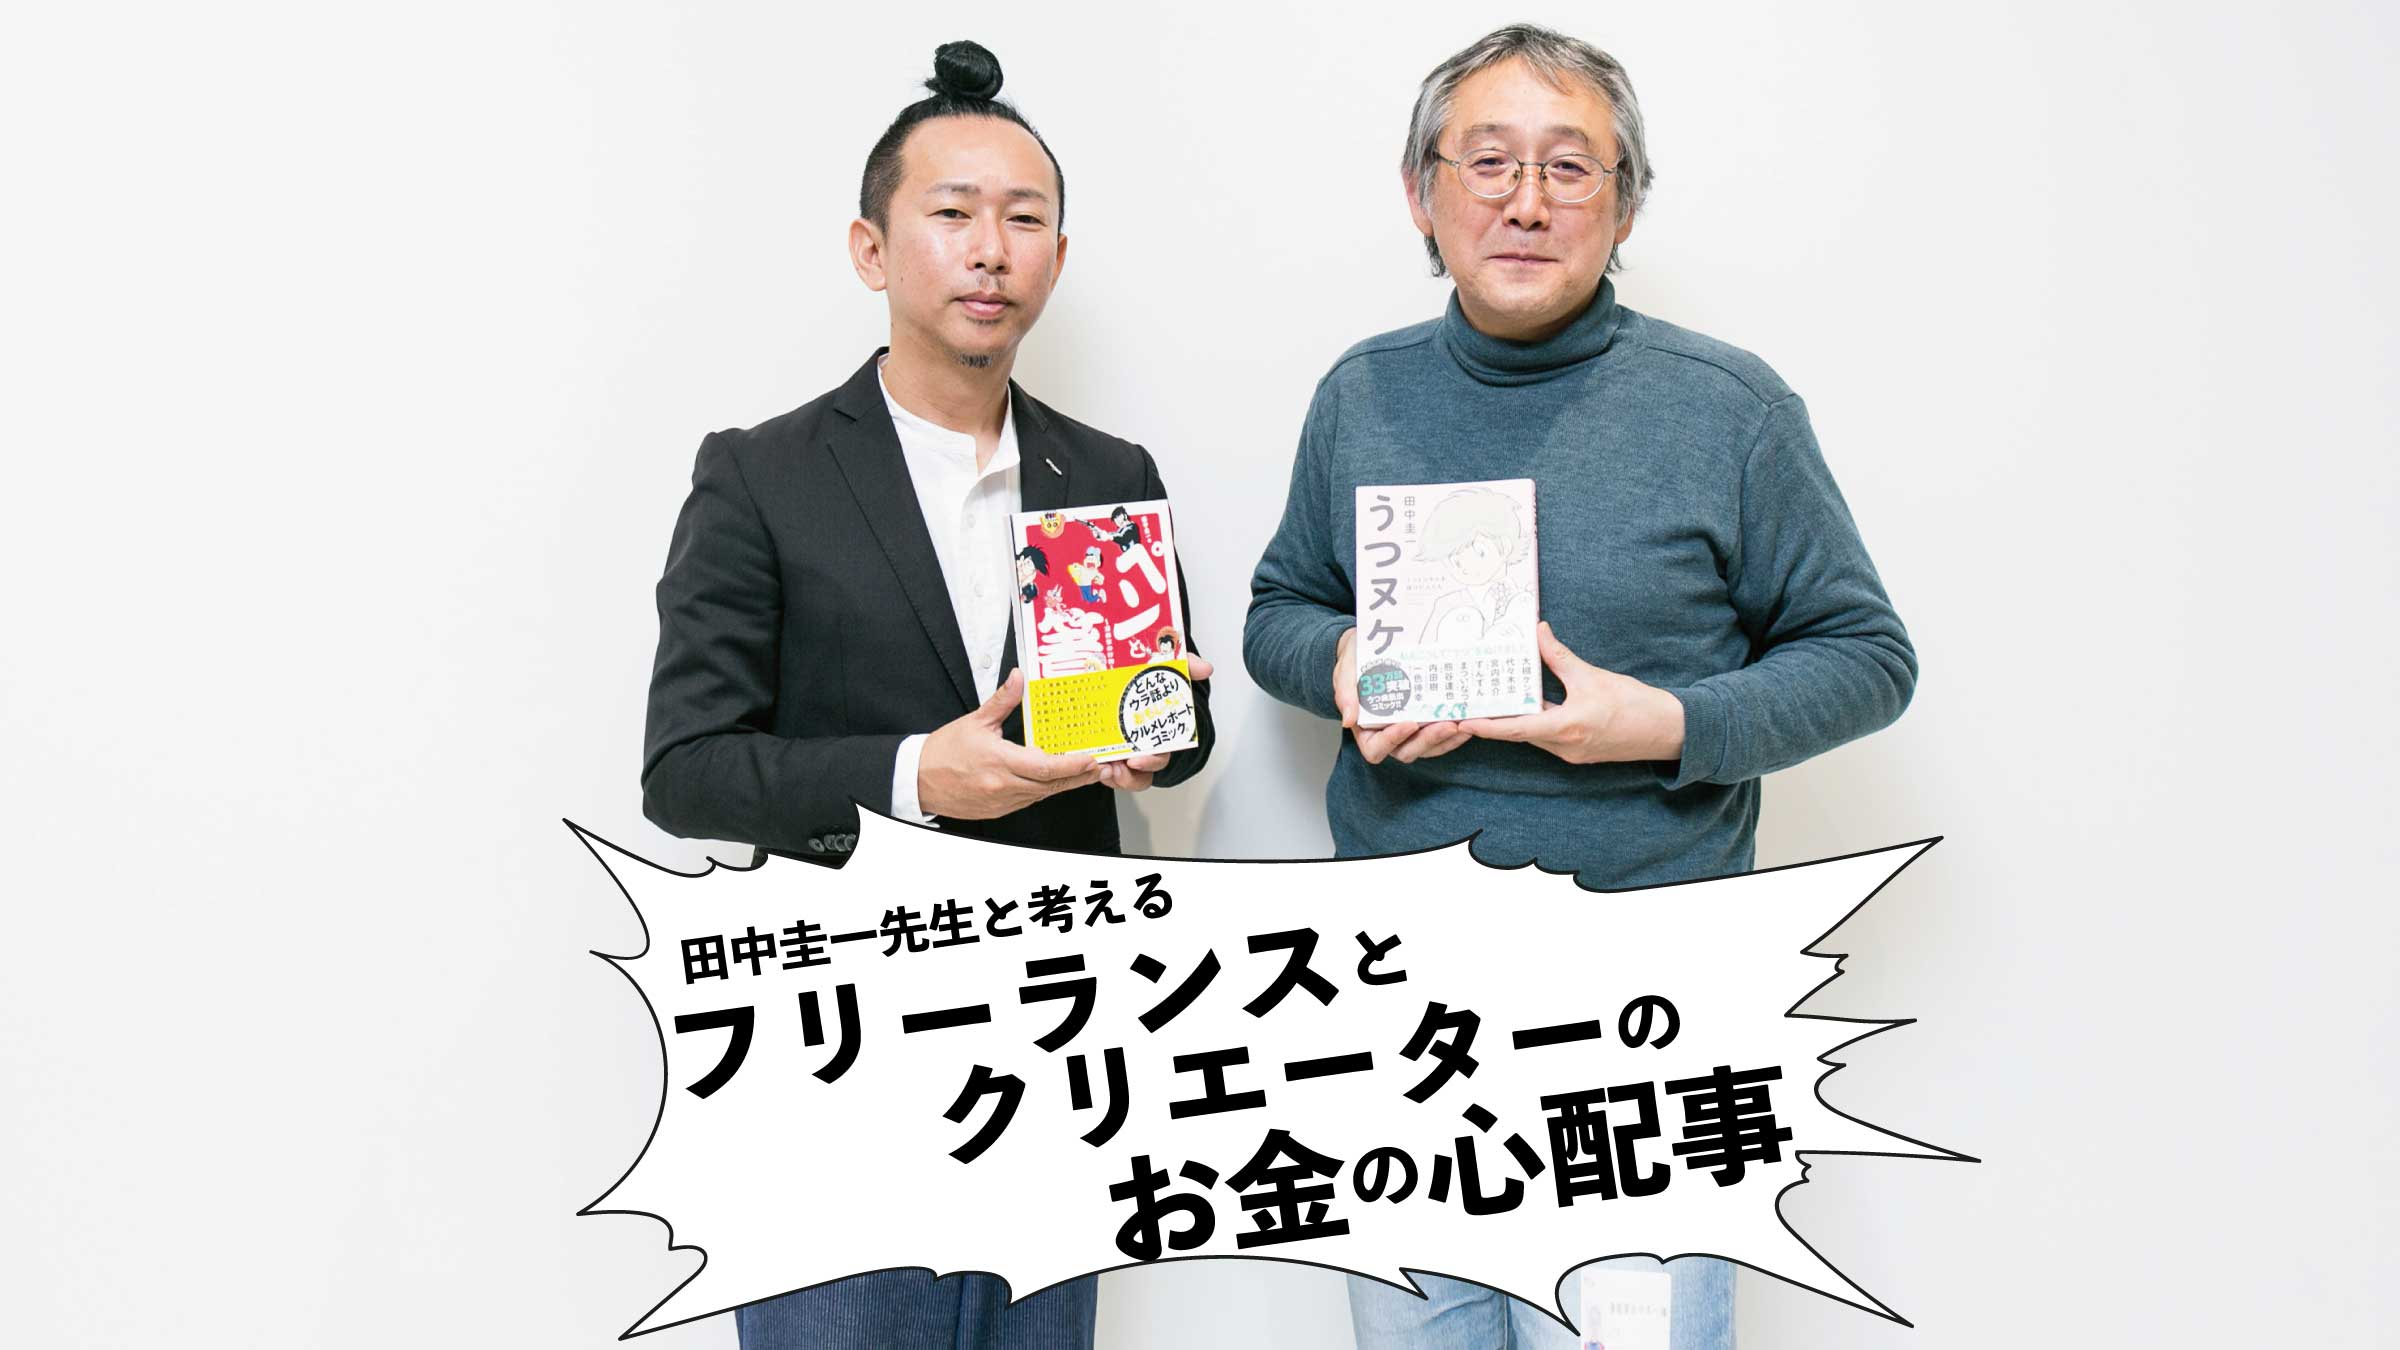 フリーランスのお金の心配事を減らすサービス「フリーナンス」はなぜ必要?漫画家・田中圭一さんと考える、フリーランスのお金の事情